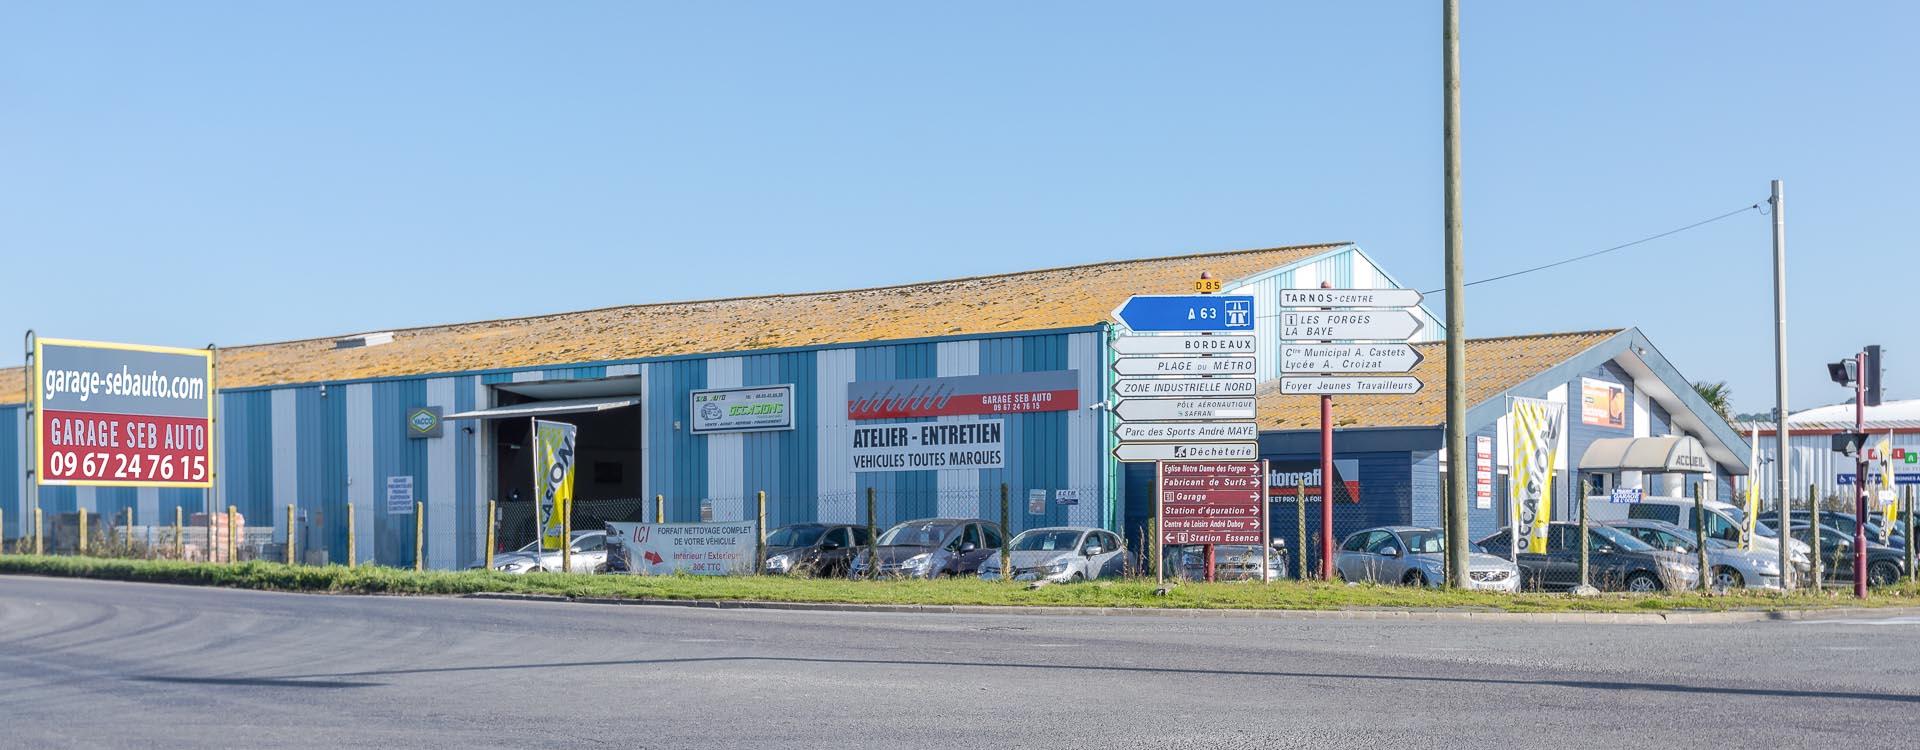 garage_sebauto_vente_achat_reprise_financement_vehicule_tarnos40_bayonne64-2064-20170126